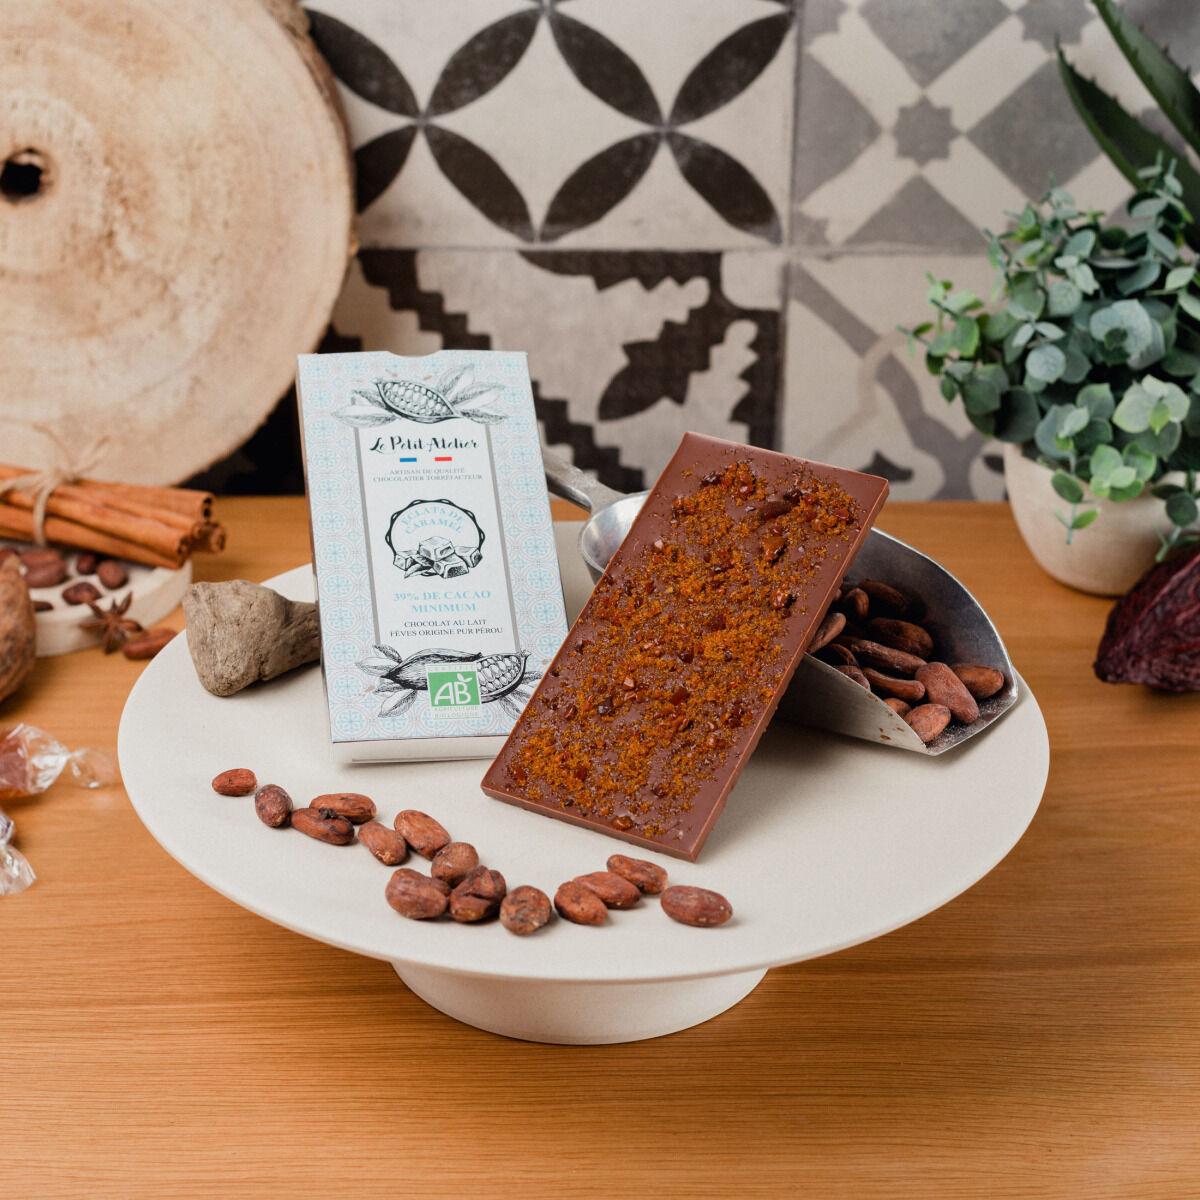 Le Petit Atelier Tablette De Chocolat Au Lait Bio Aux Éclats De Caramel